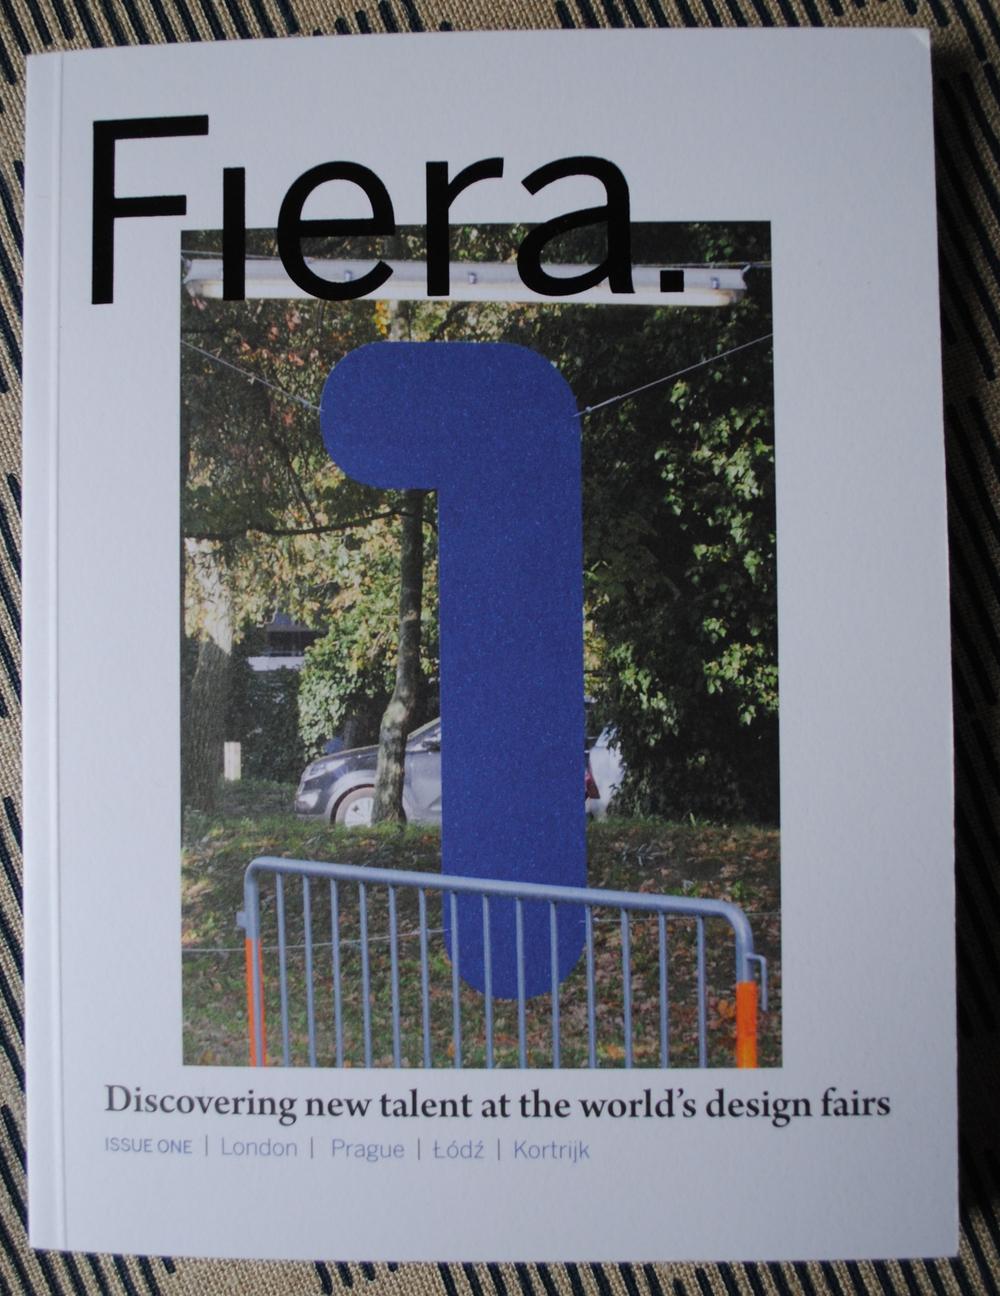 fiera_cover.JPG